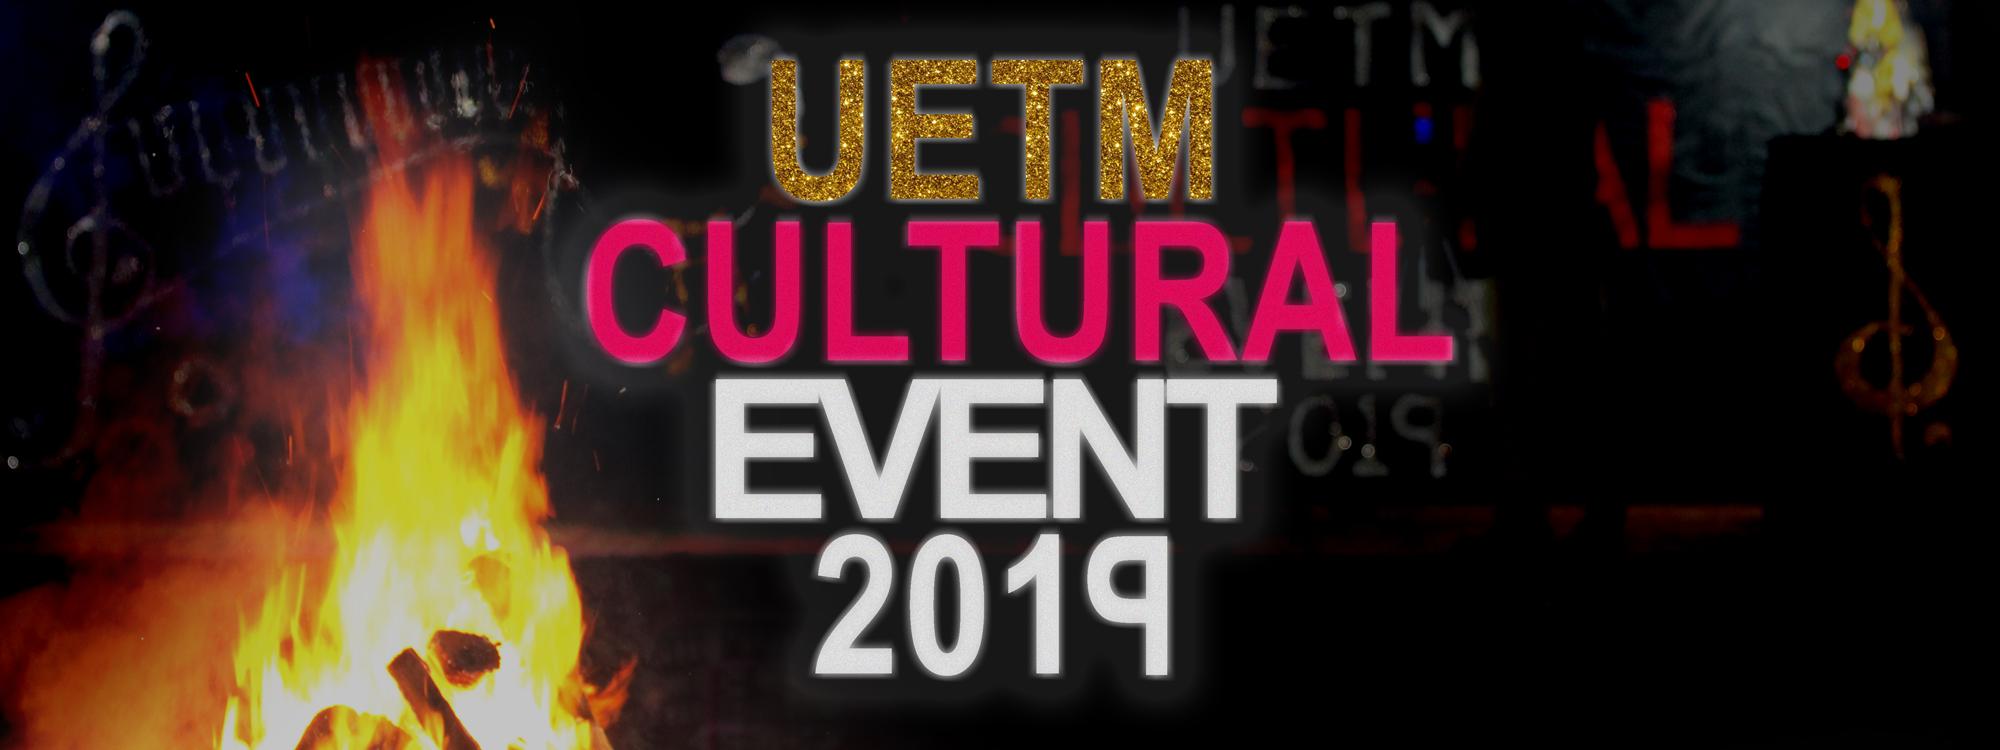 UETM Cultural Event 2019